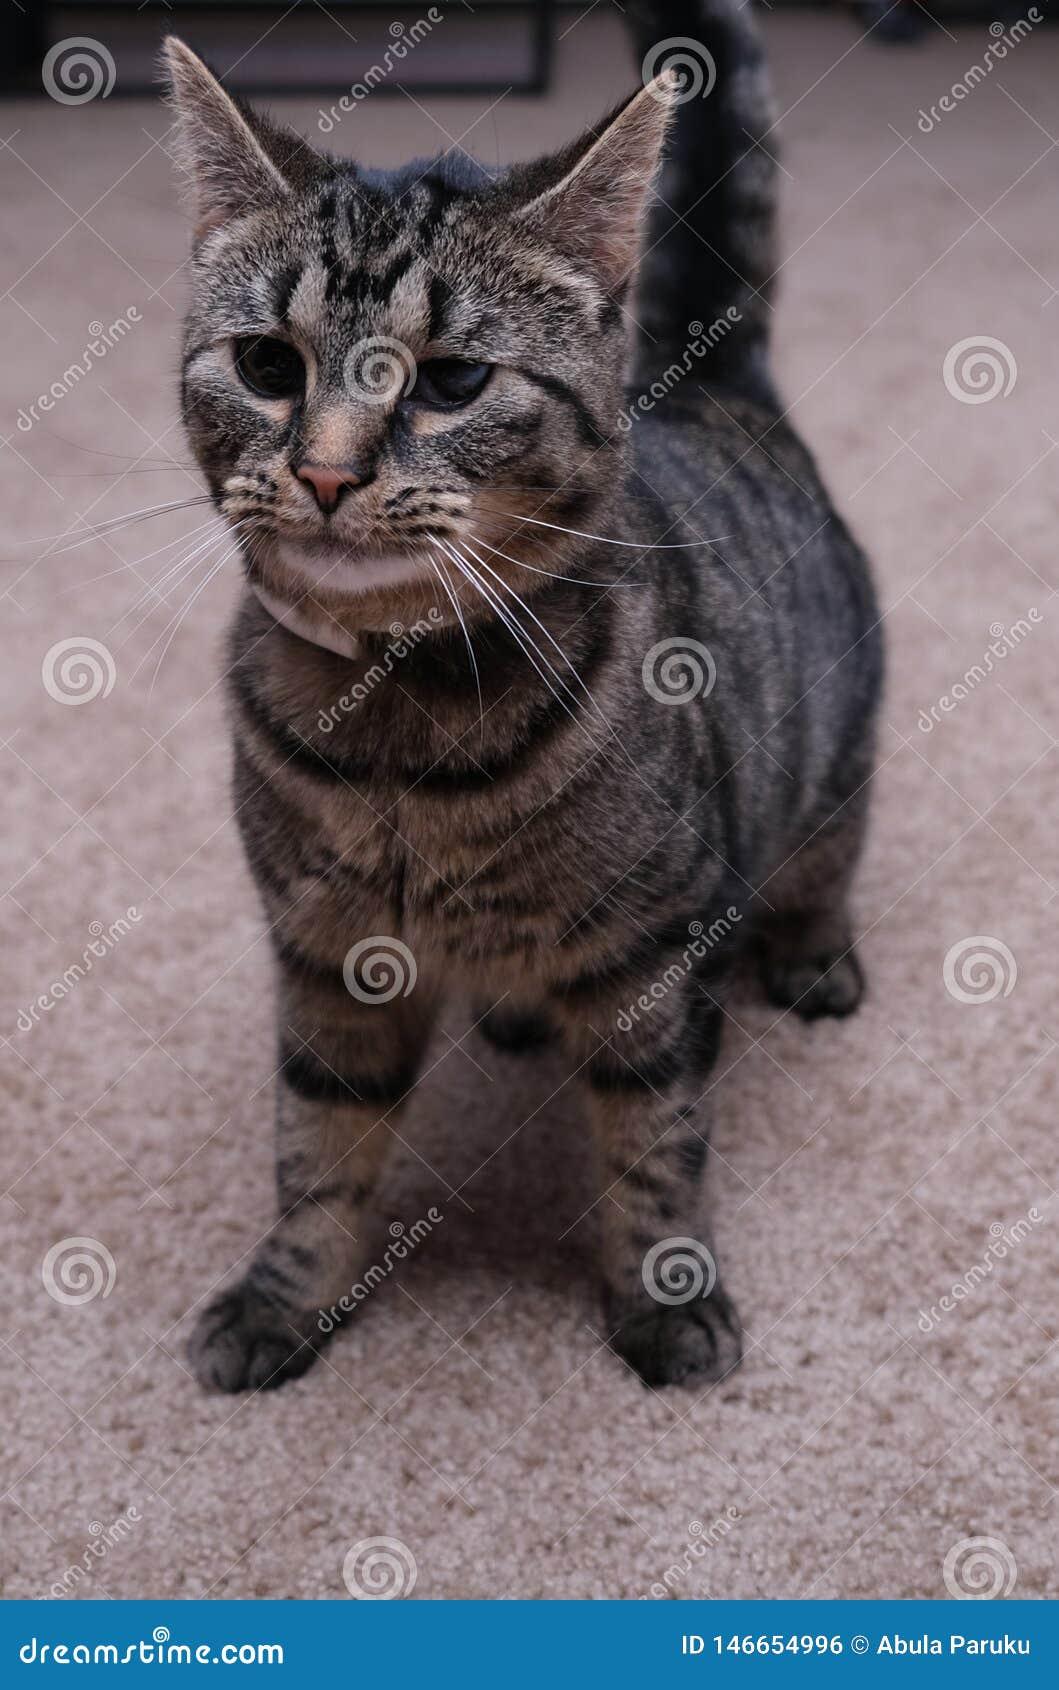 Leuke Cat Indoors With Dark Eyes